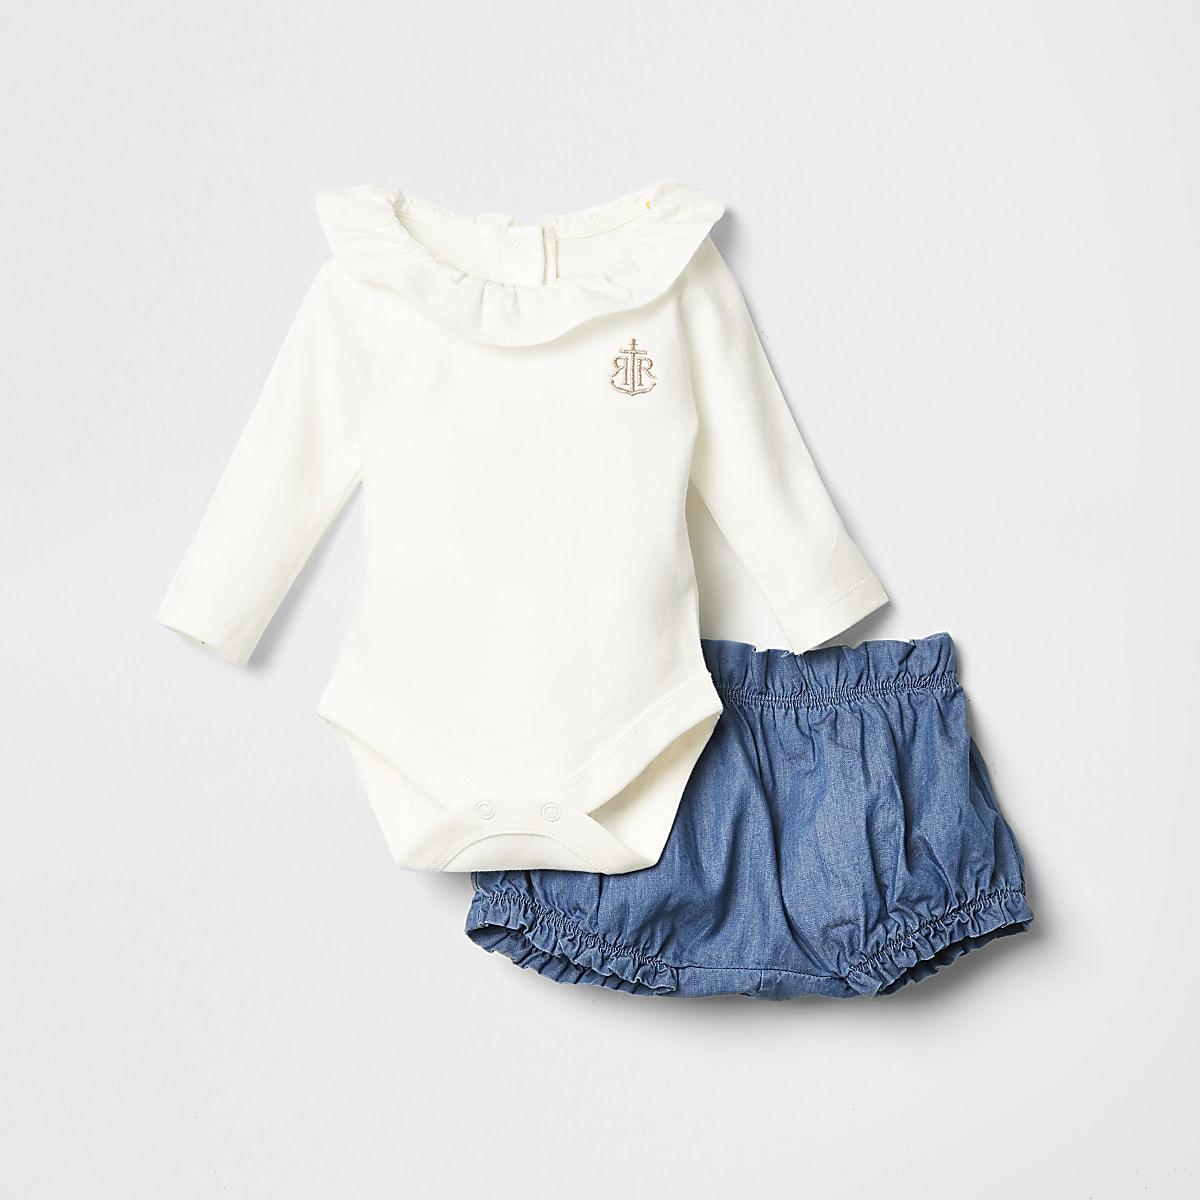 Outfit met wit rompertje met ruches bij de hals voor baby's